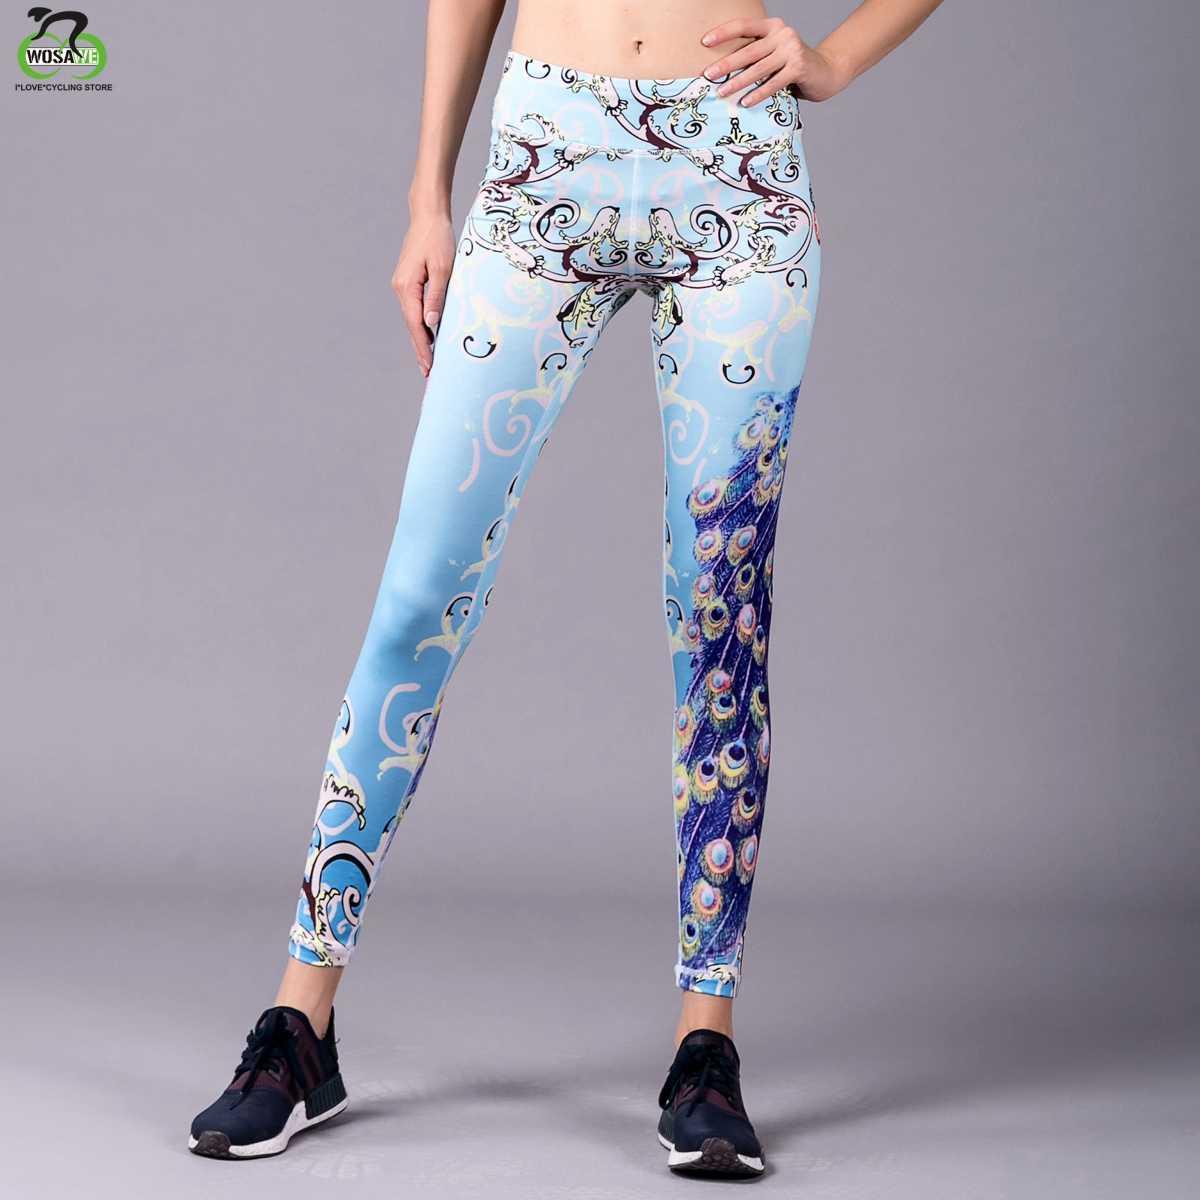 Barbok ליפס הדפסת חמוד ילדה יוגה מכנסיים ריצה כושר נער חותלות צבעוני נשים סקיני ספורט מכנסיים Slim